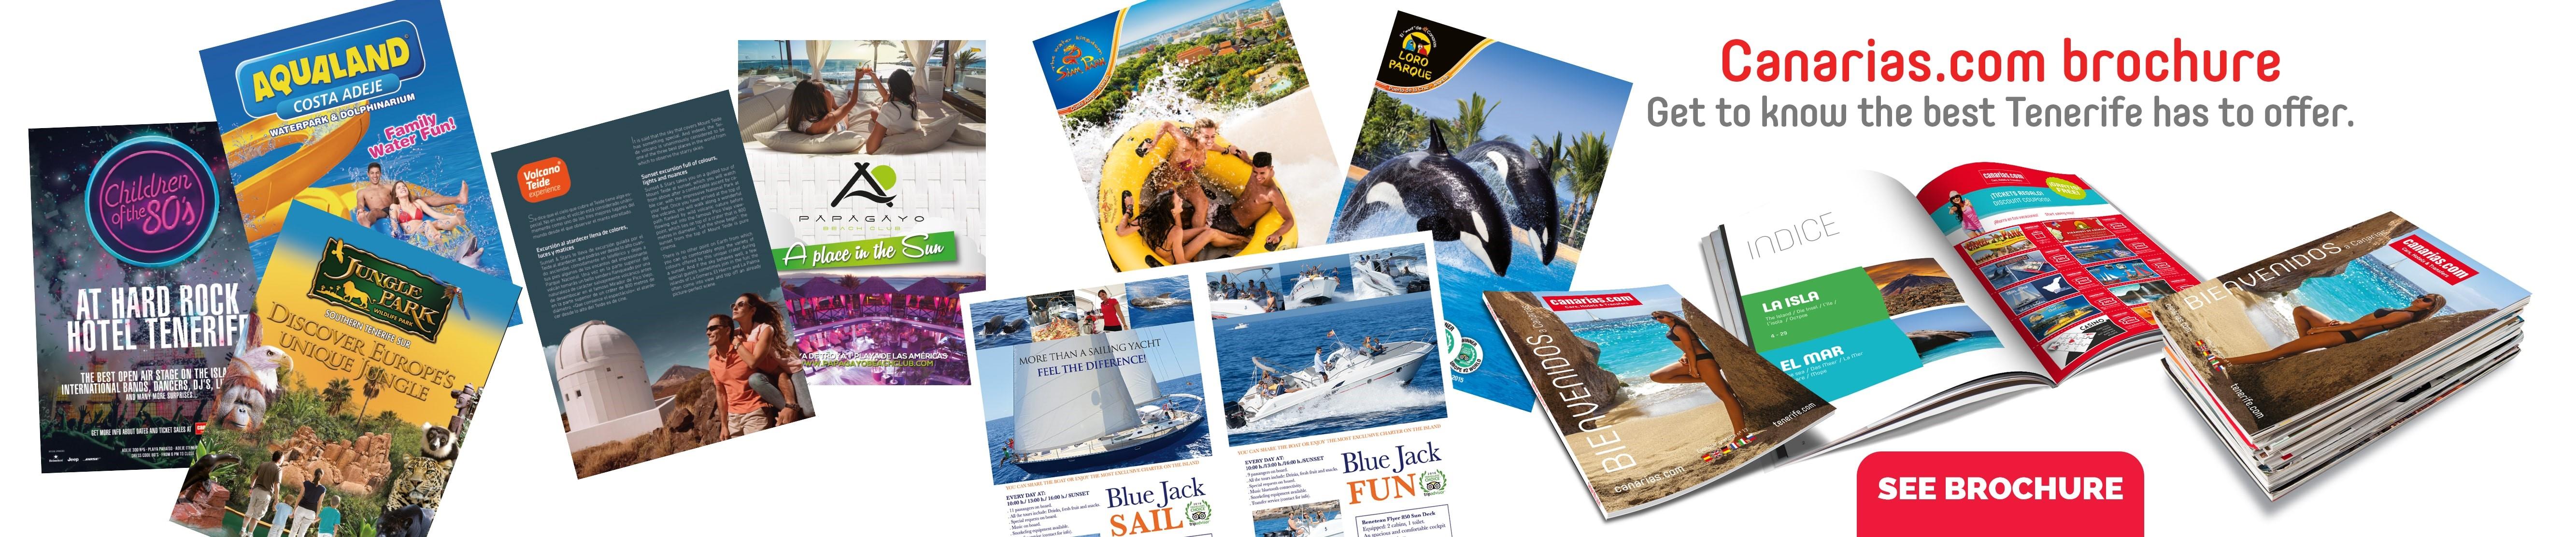 Magazine Canarias.com